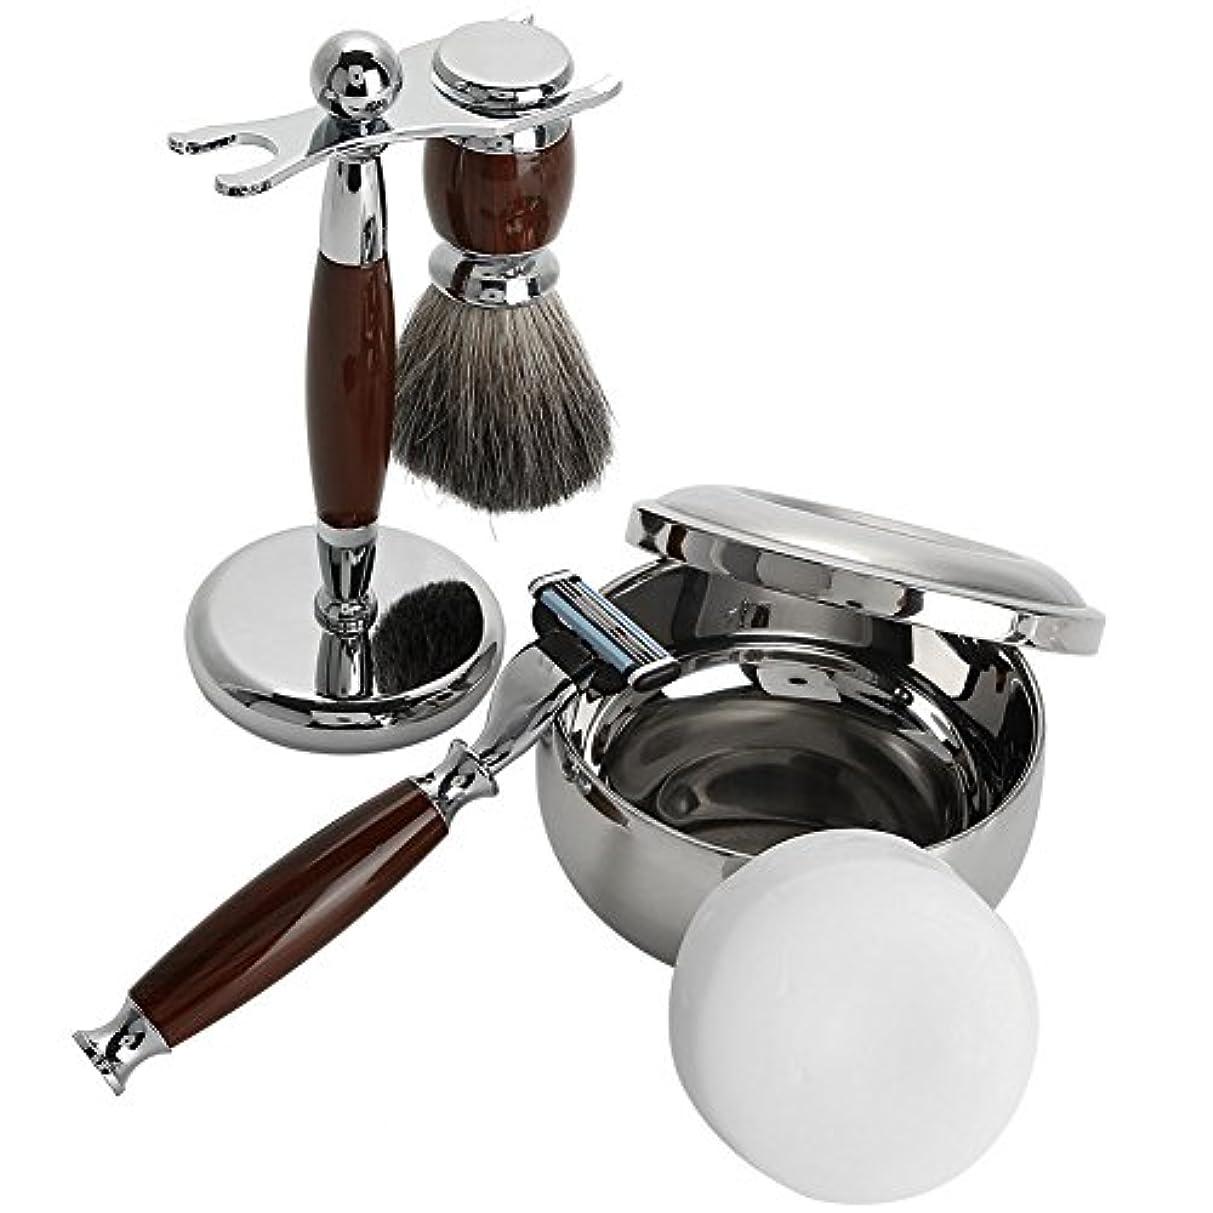 犯す指定メーター剃刀 -Dewin シェービングブラシセット、剃刀スタンド、石鹸ボウル、石鹸、洗顔ブラシ、髭剃り、泡立ち、メンズ